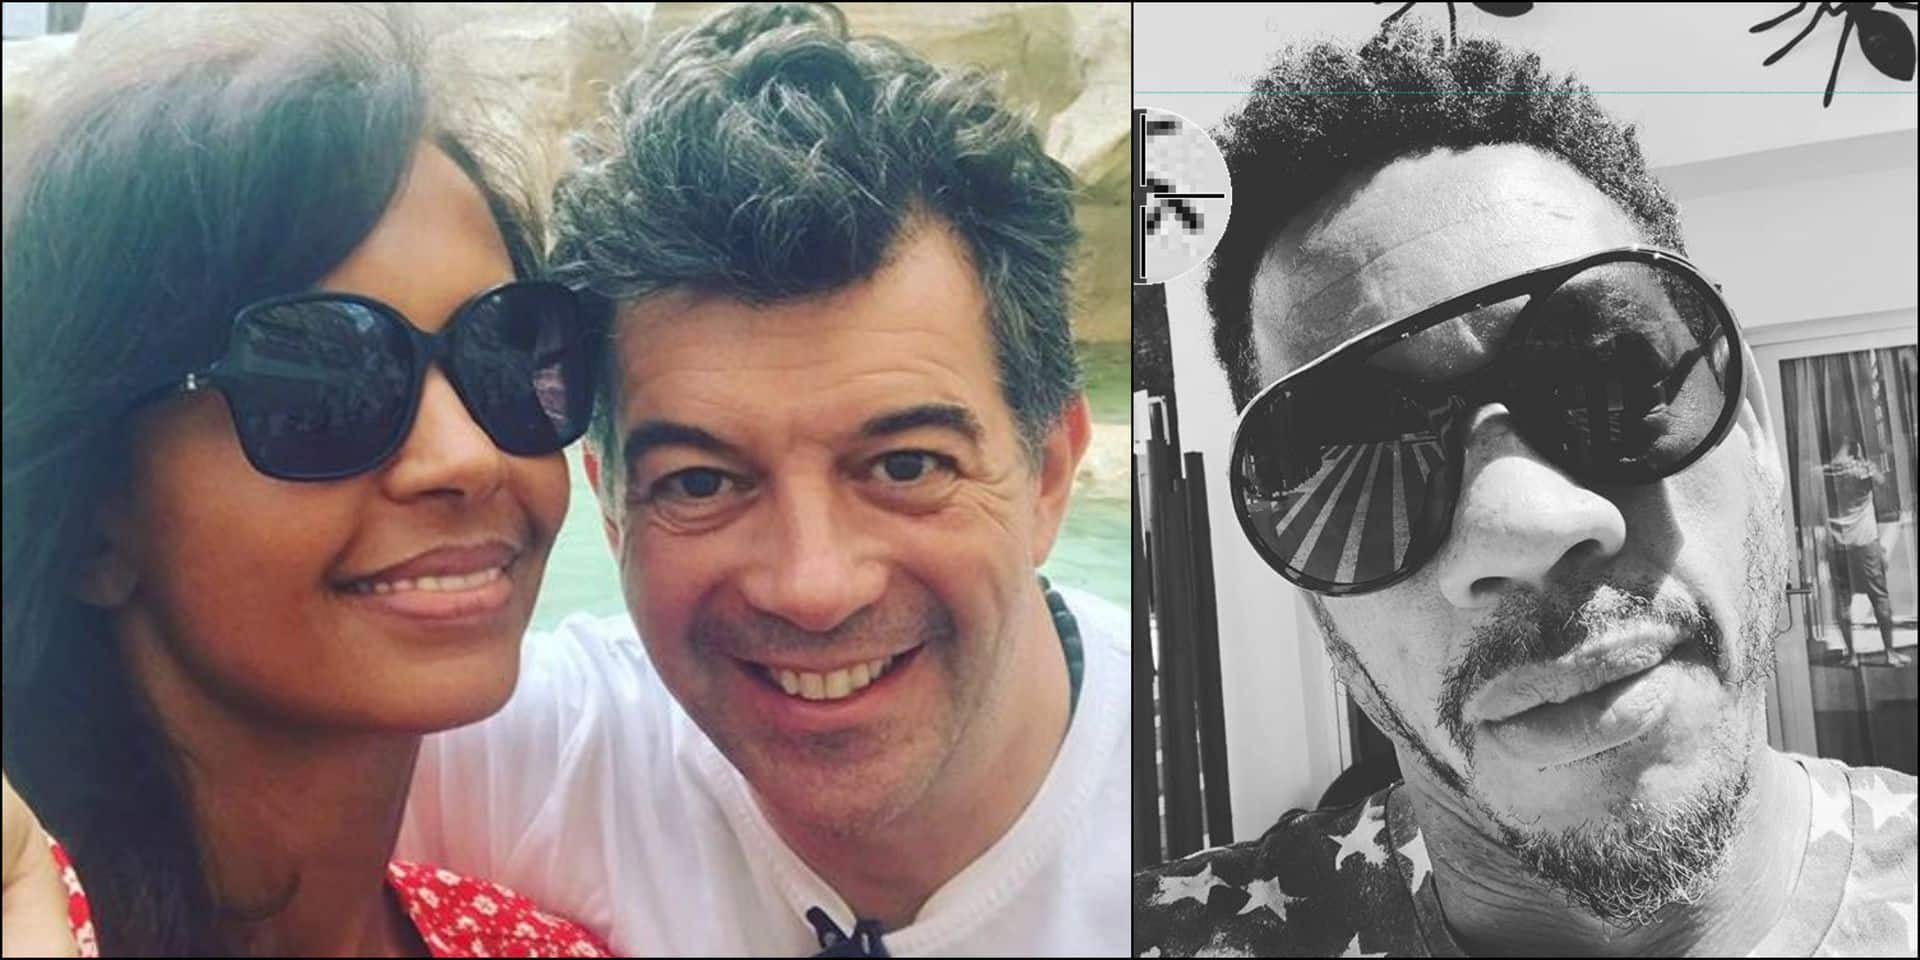 Le buzz du week-end : Karine Lemarchand largue Joey Starr et part se consoler à Rome avec Stéphane Plaza